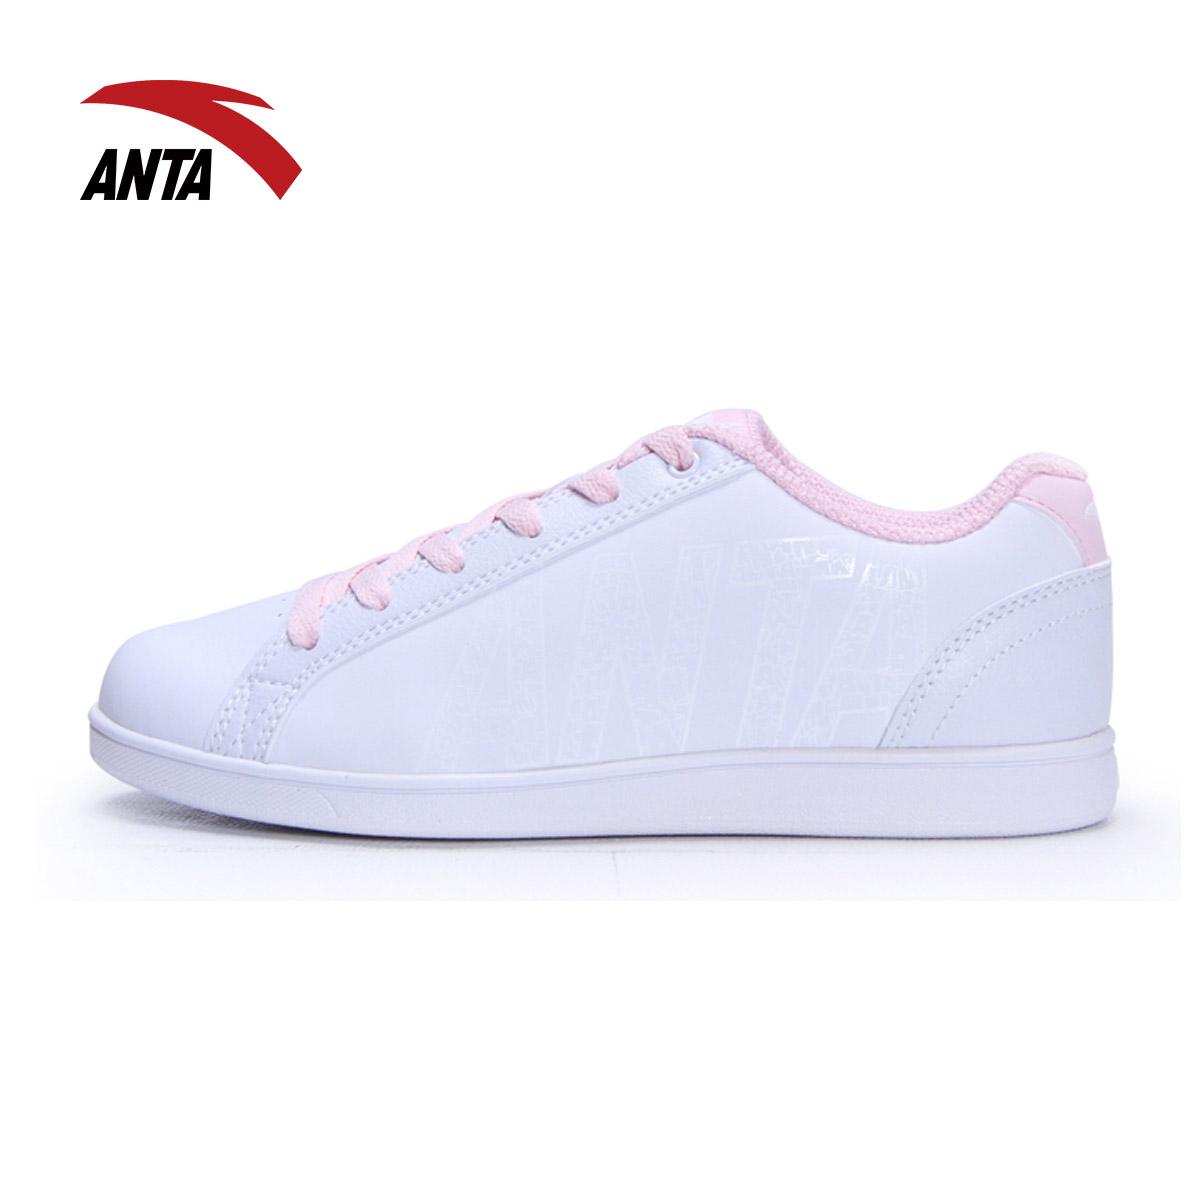 кроссовки Anta Anta2015